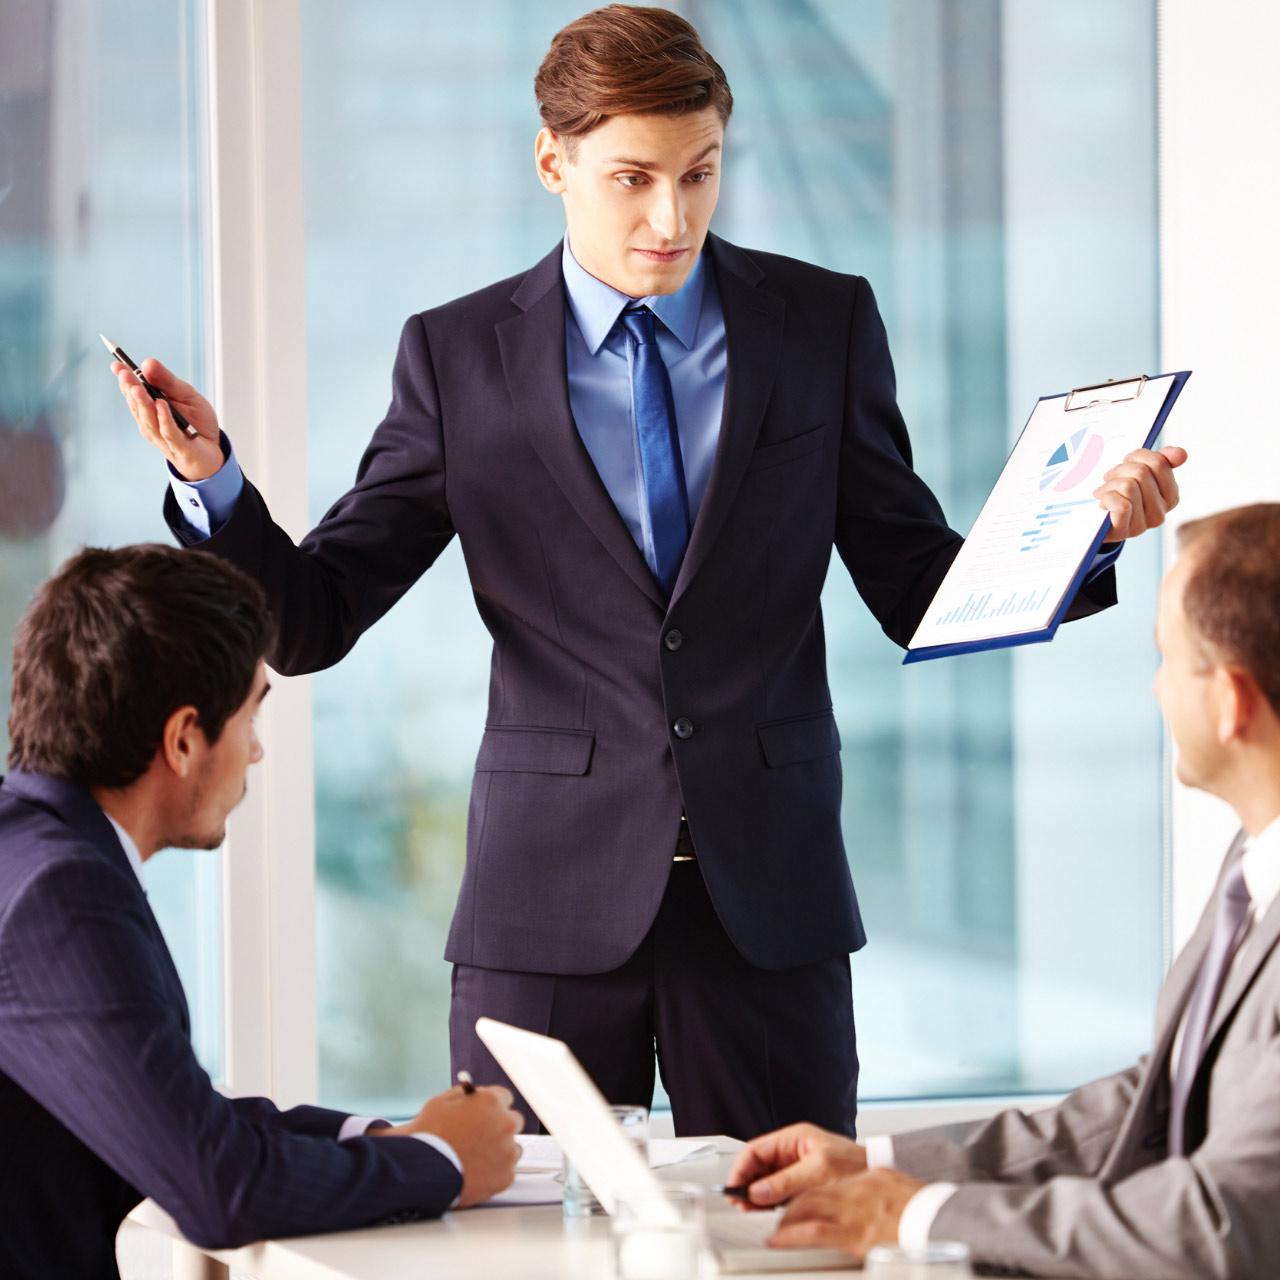 arbeitnehmer-rechtsschutzversicherung-1280x1280px